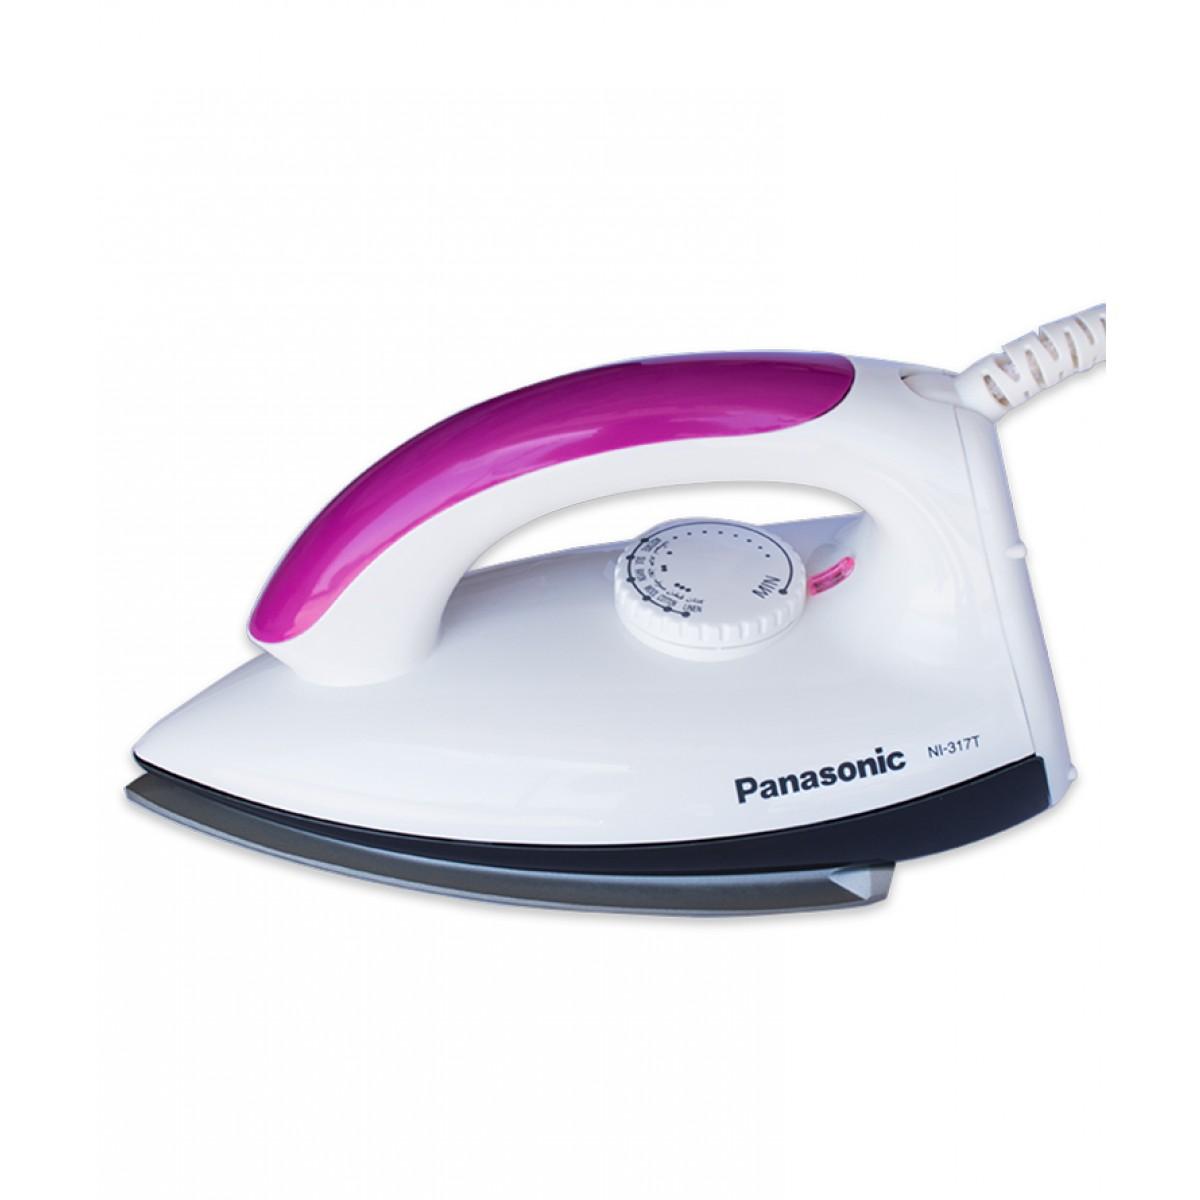 Panasonic Ni 317t Electric Iron Price In Bangladesh Ac